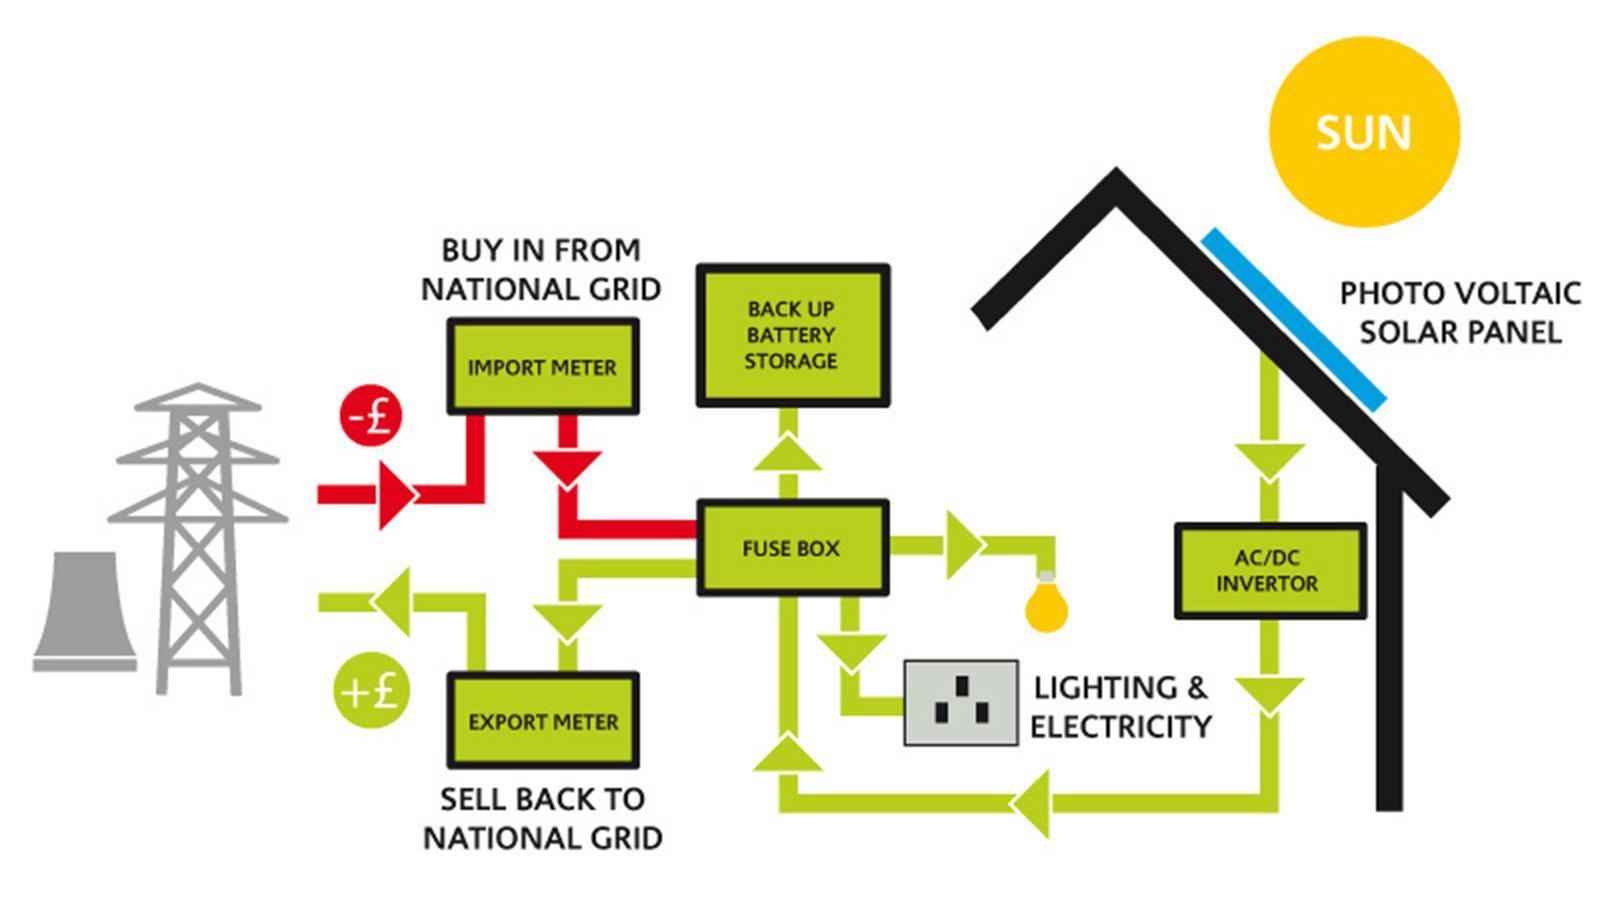 Τα μέρη του συστήματος αυτό-παραγωγής ρεύματος